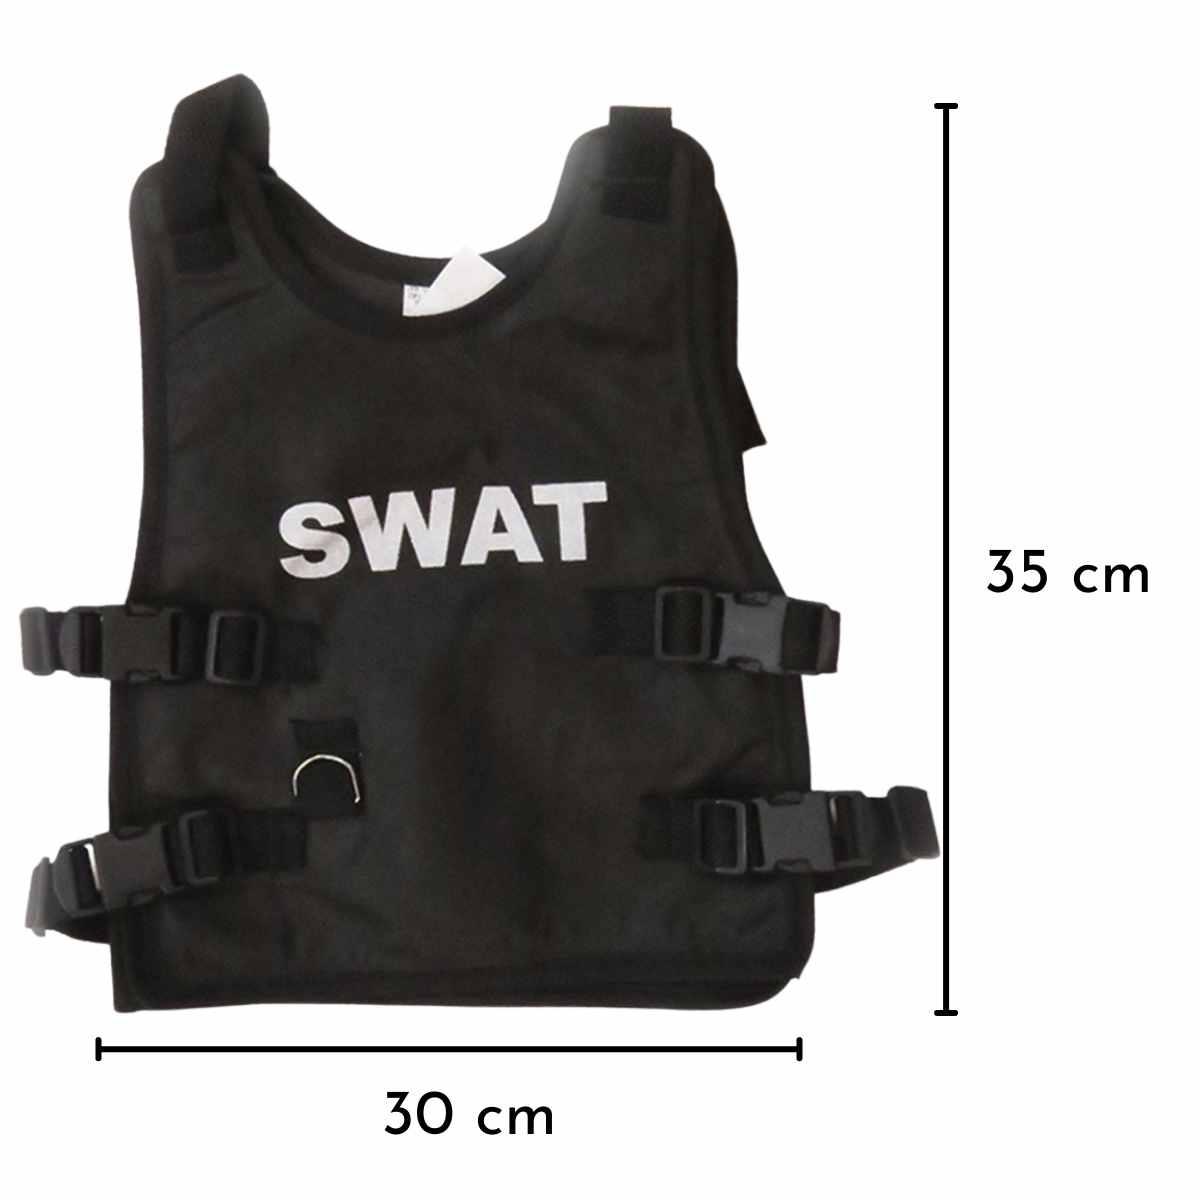 Kit Policial Infantil (Colete Infantil  + Cassetete + Algema)